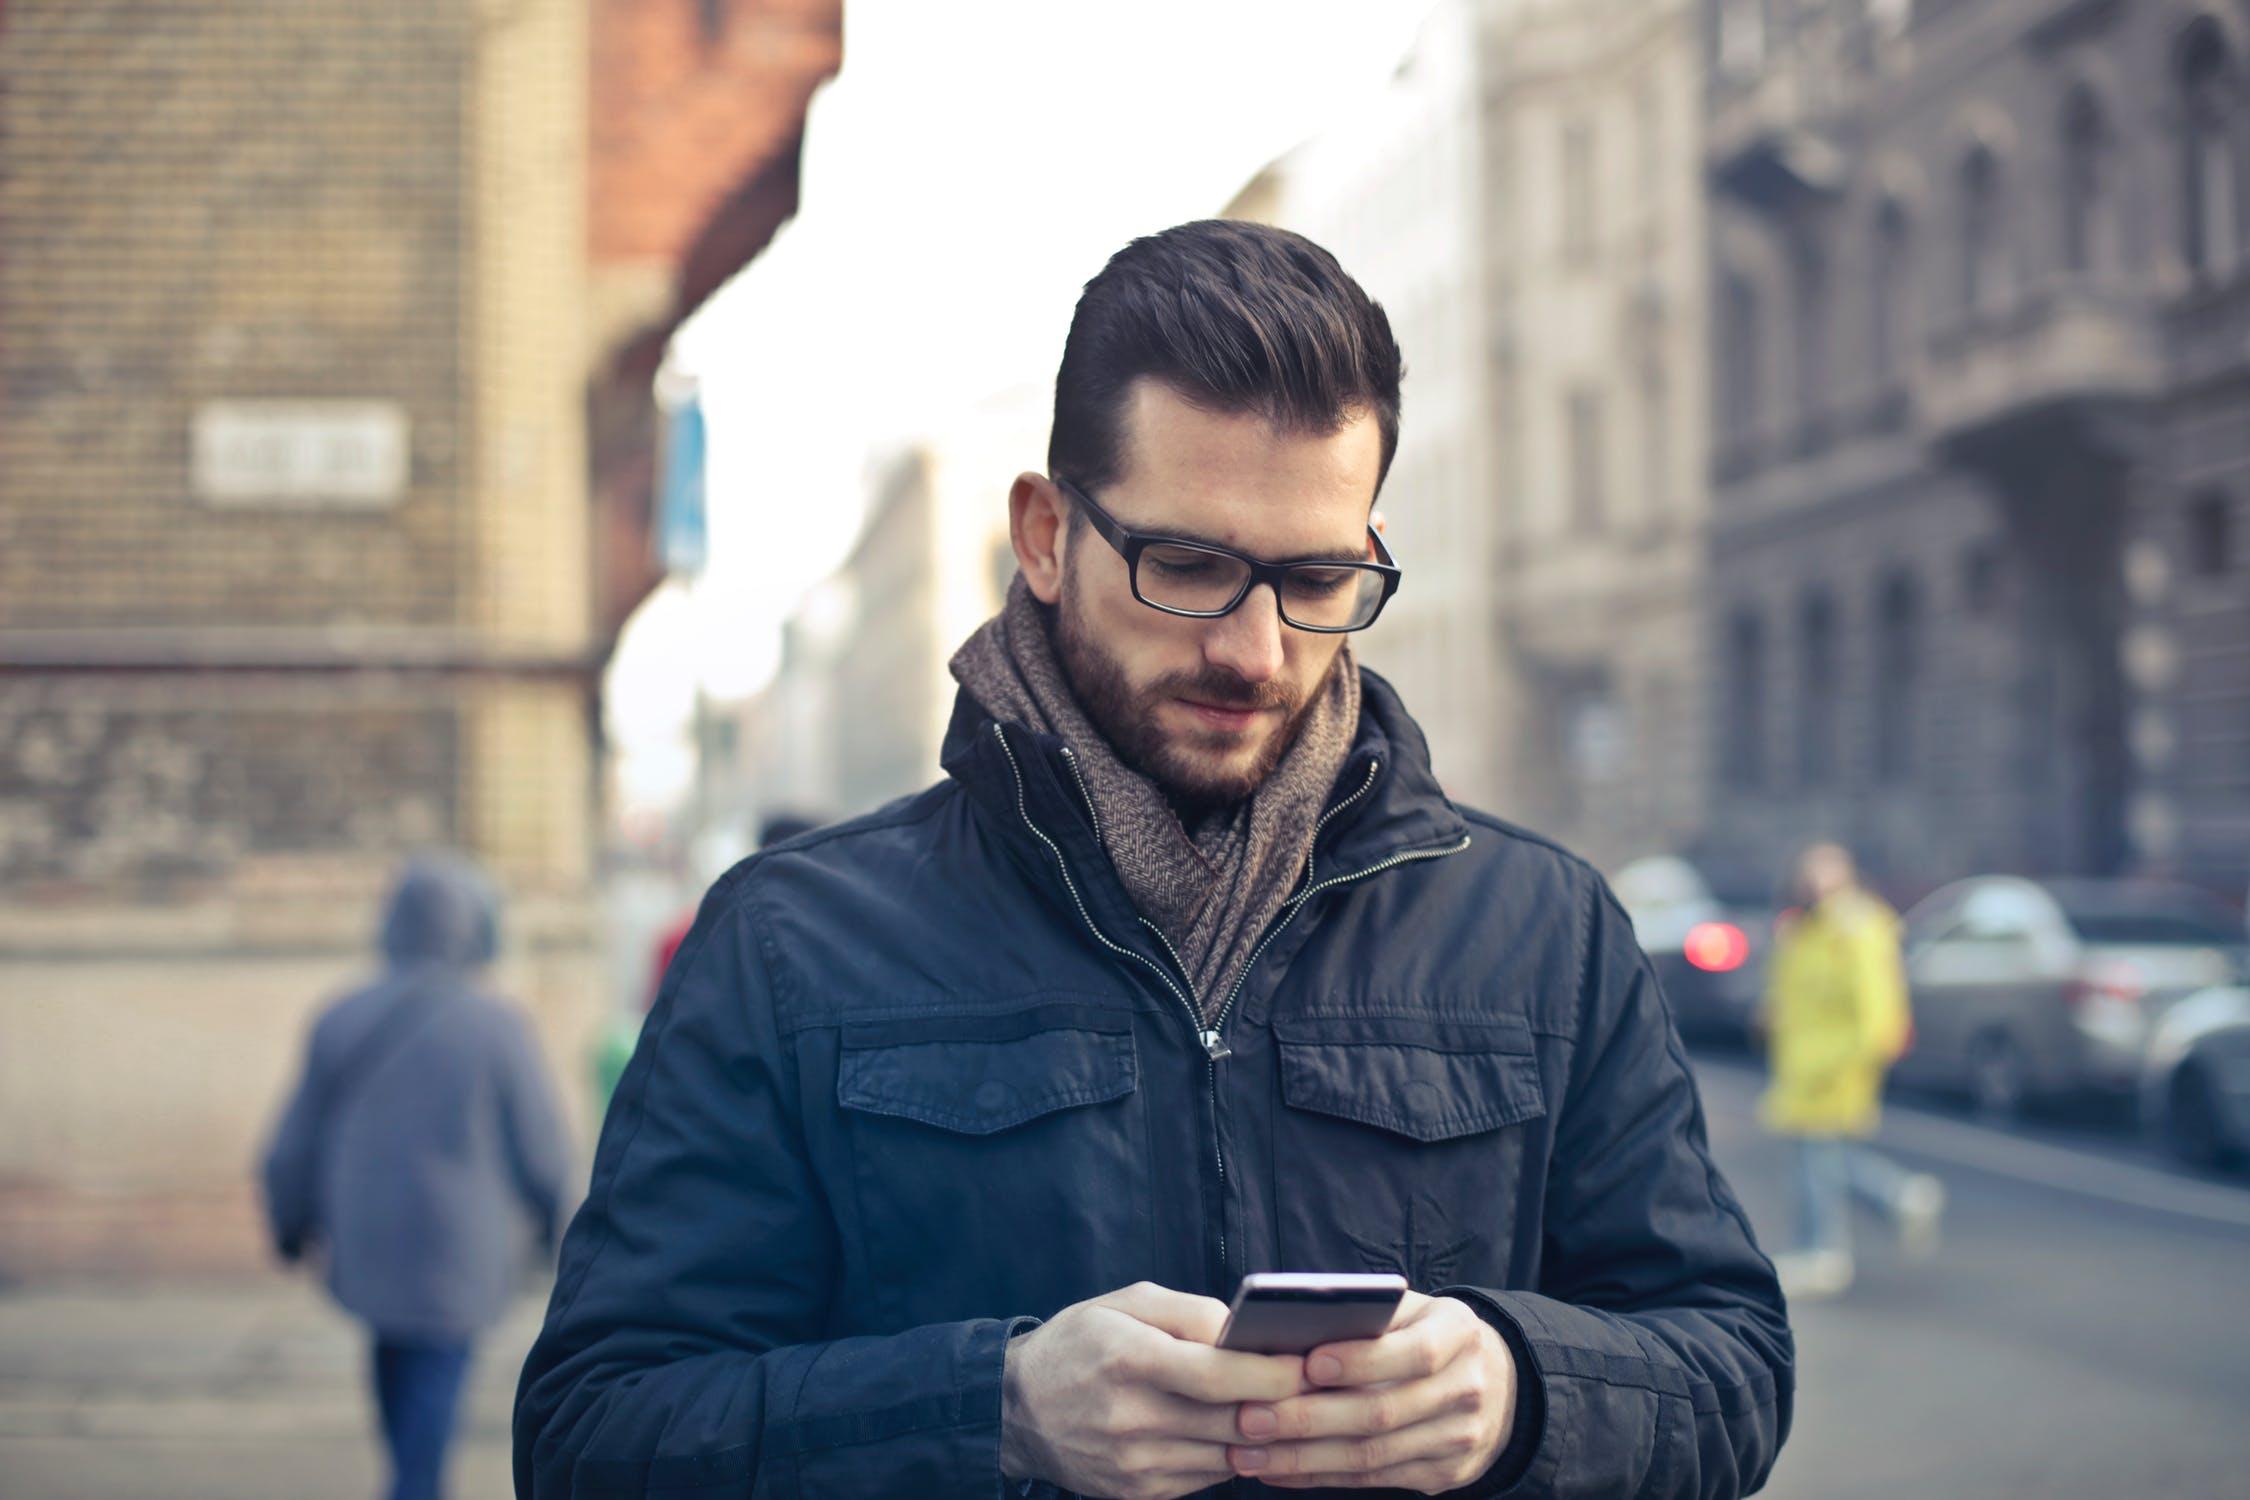 personal data app